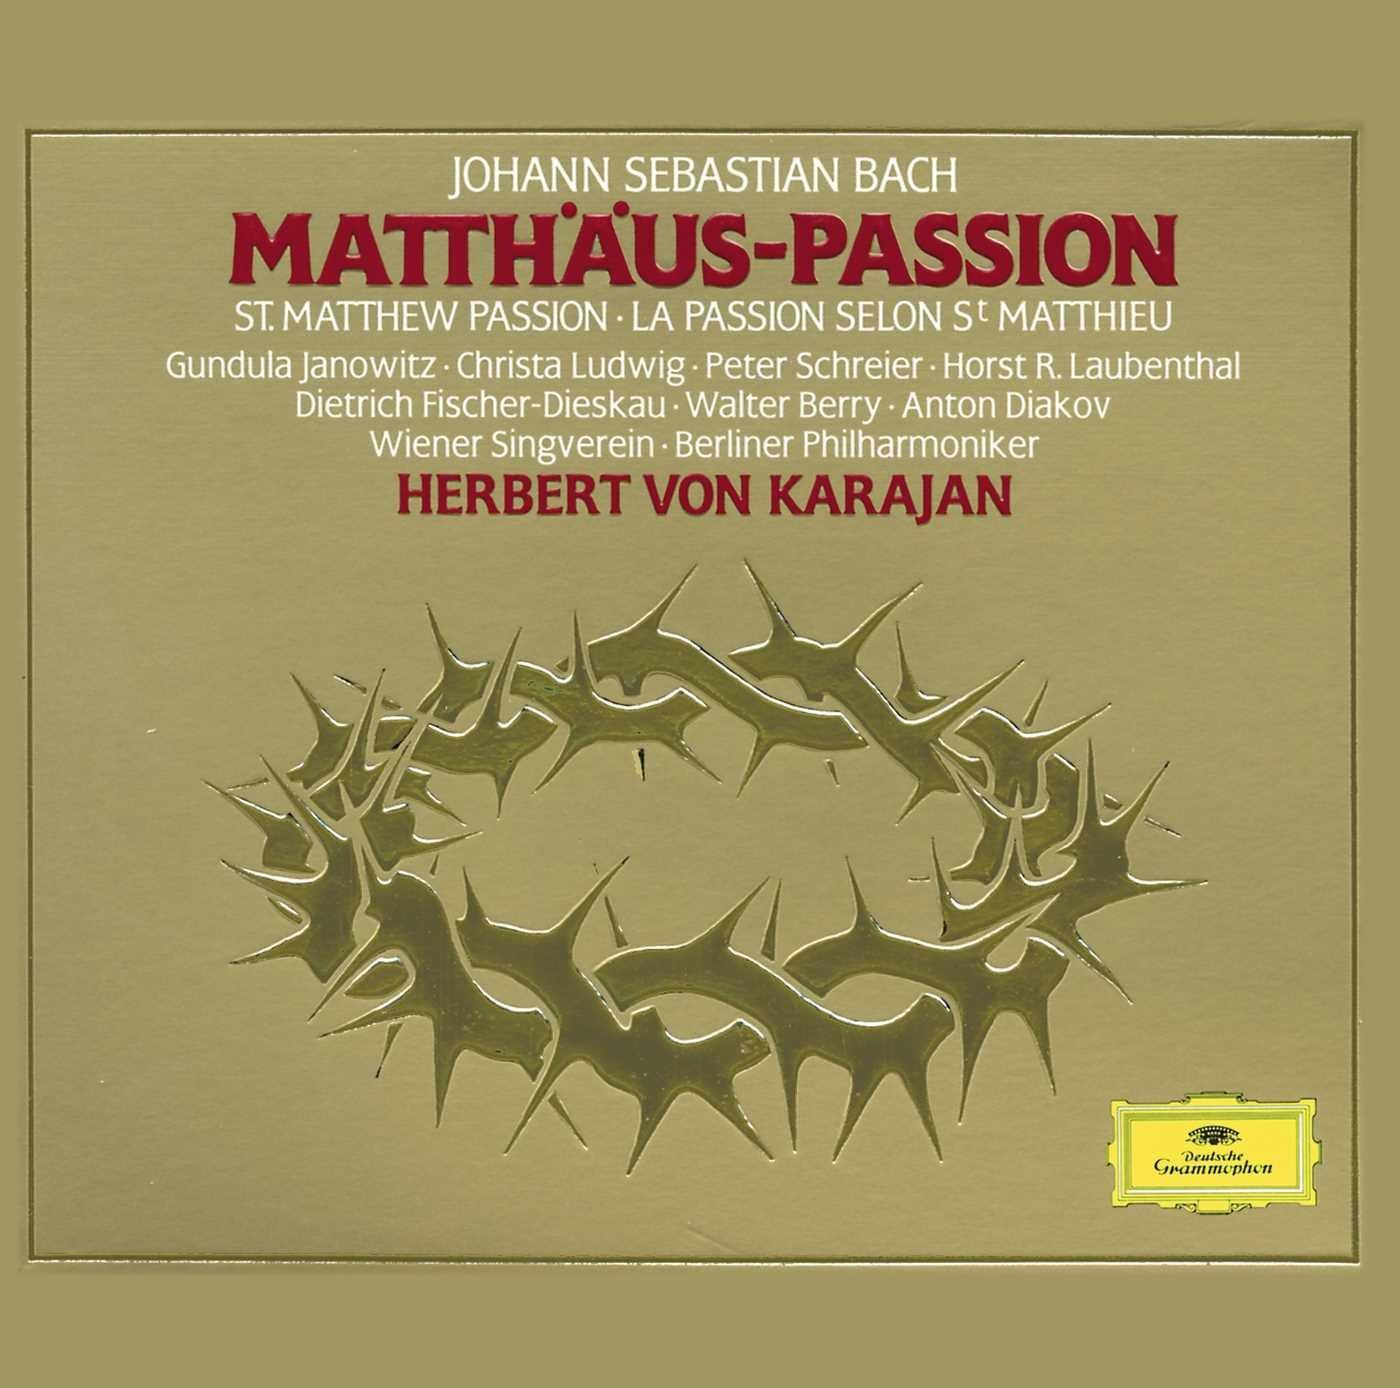 St. Matthew Passion [3 CD Box Set]